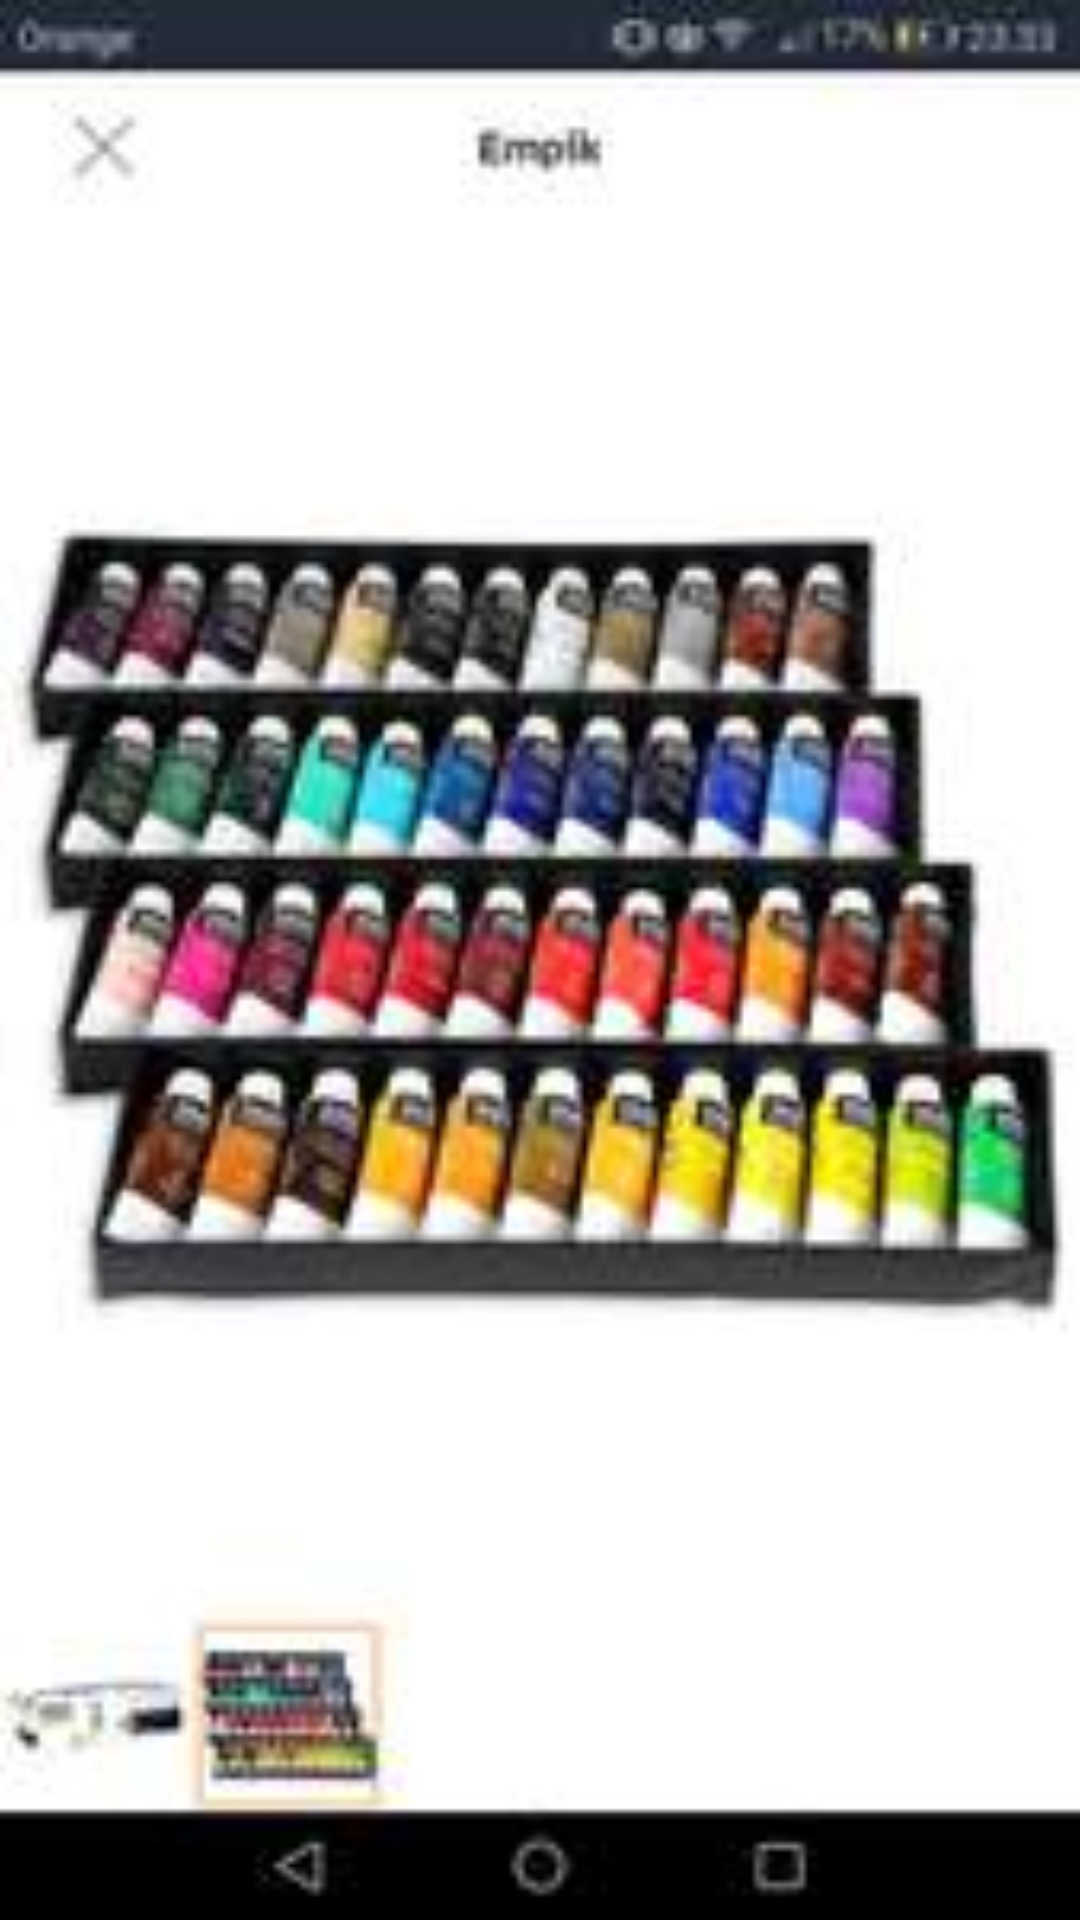 Zestaw farb akrylowych - empik